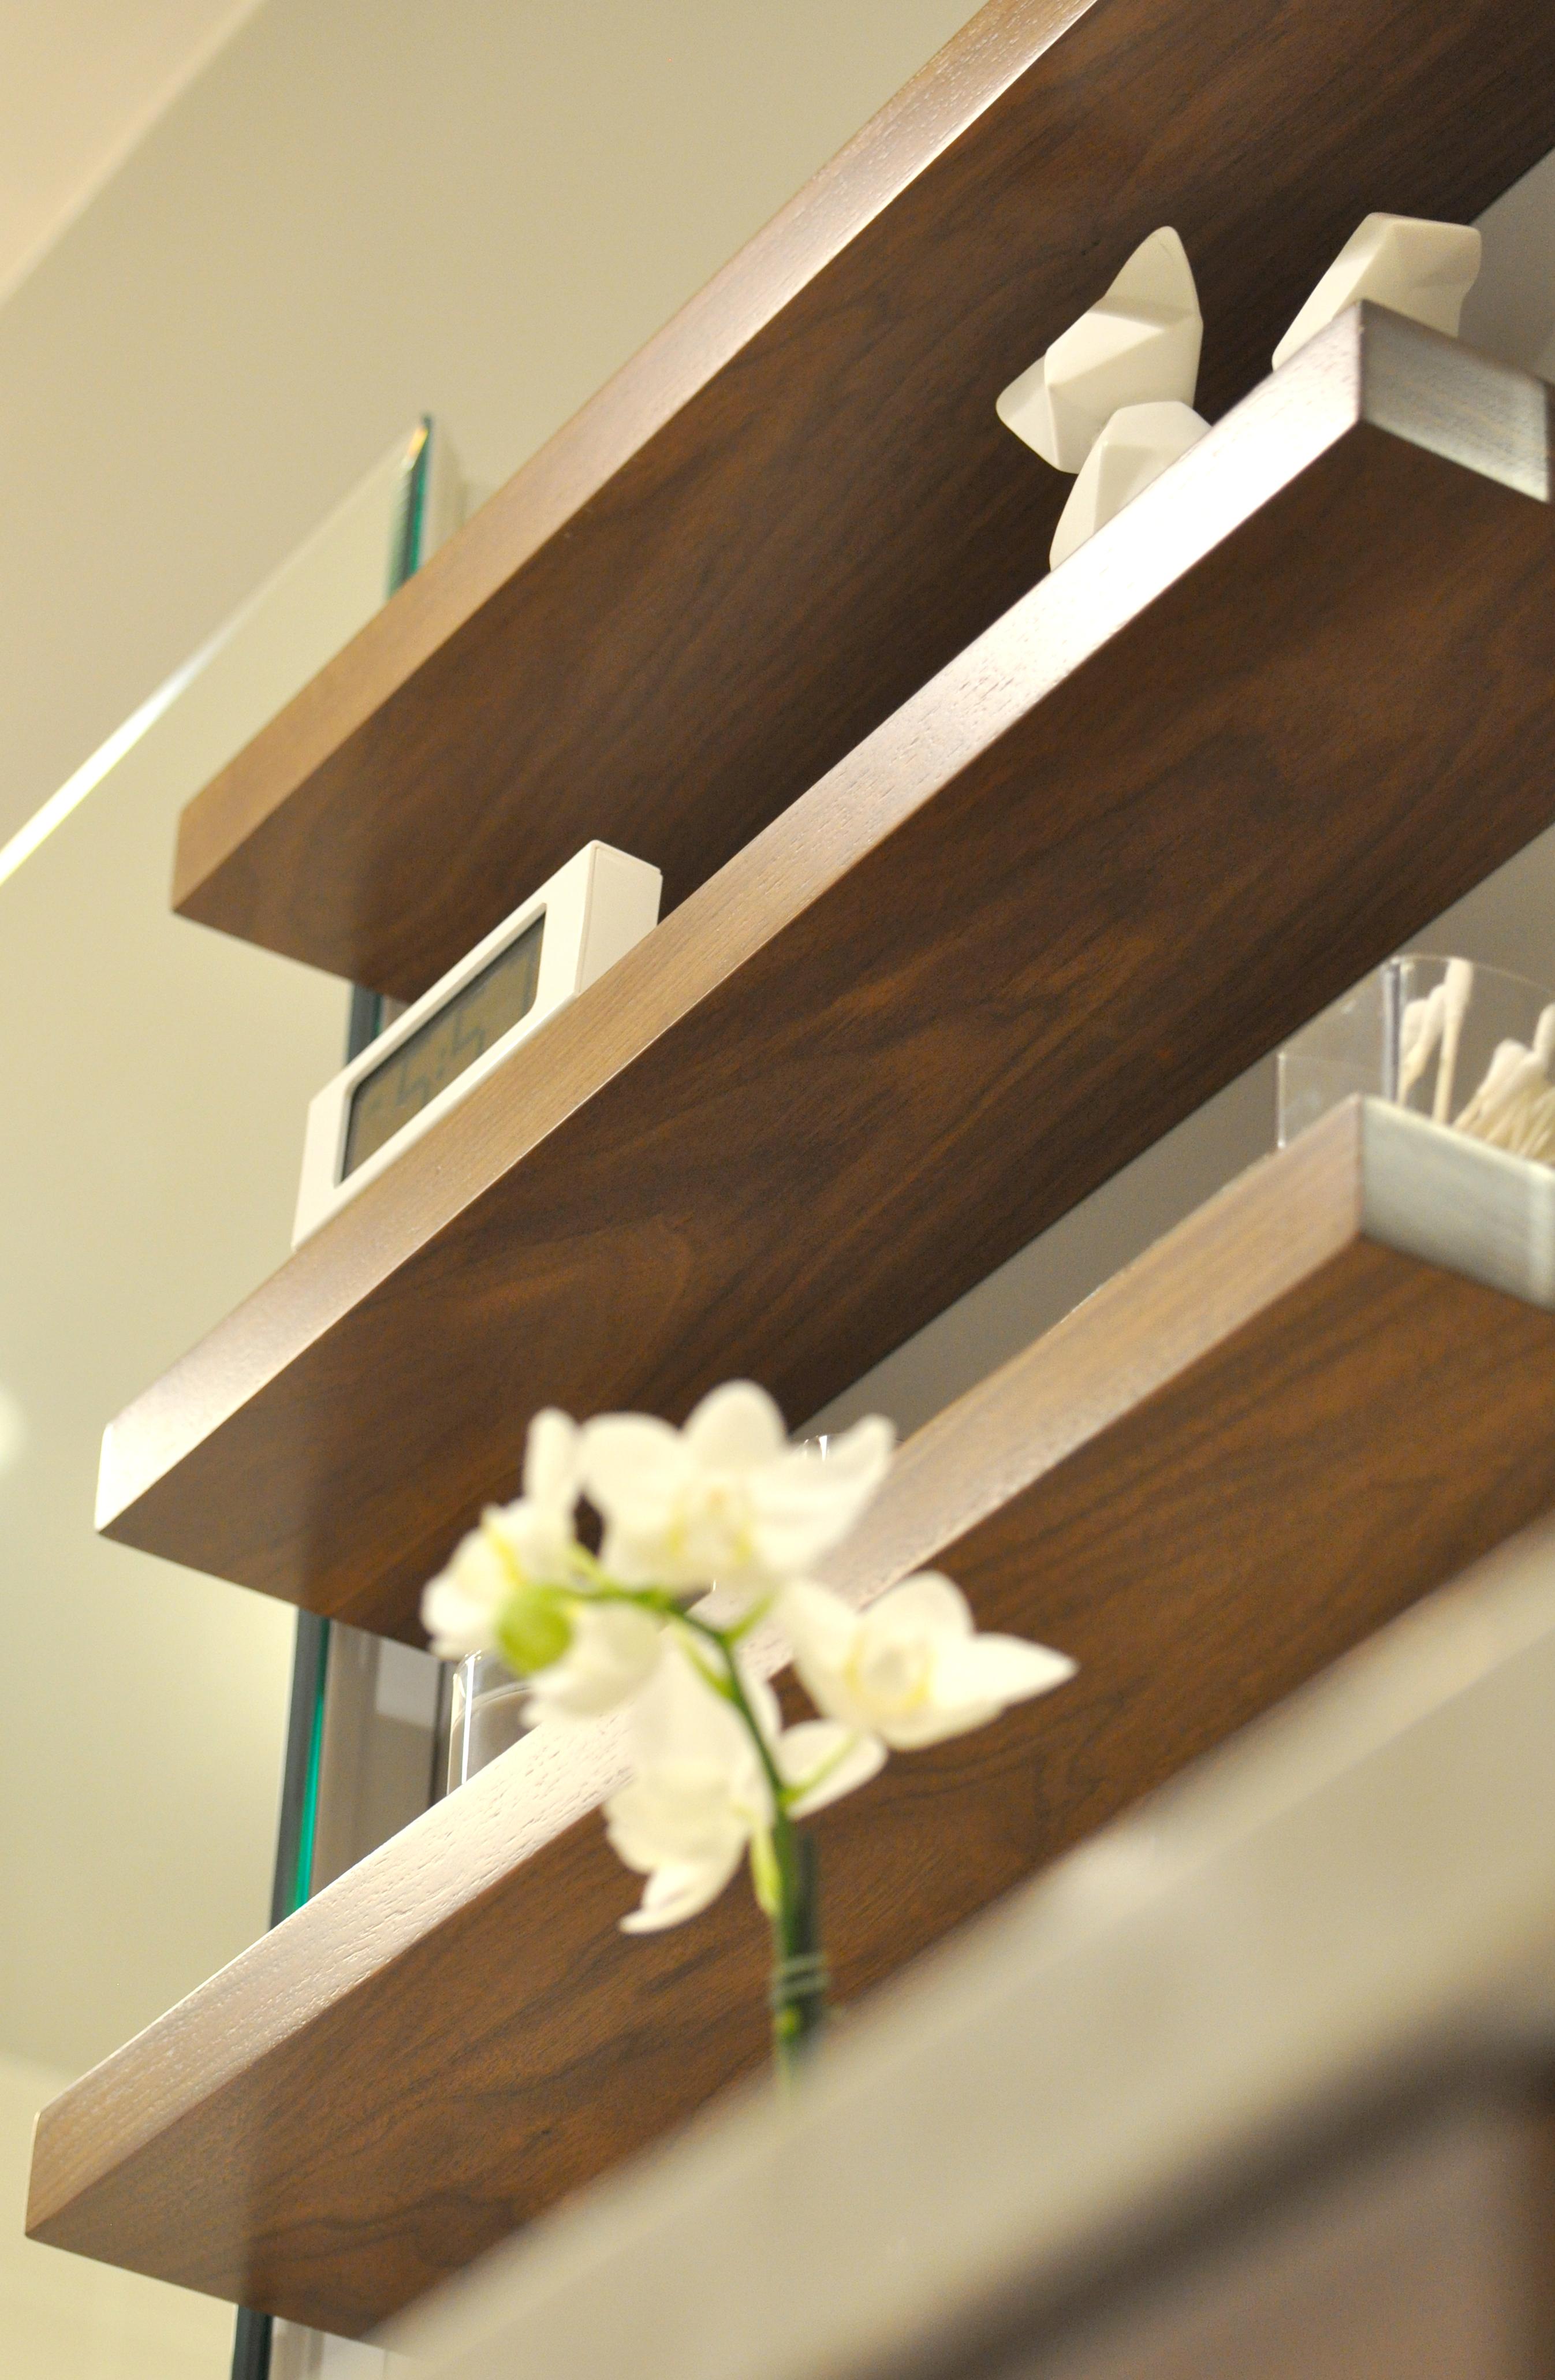 Fullsize Of Wood Shelves For Bathroom